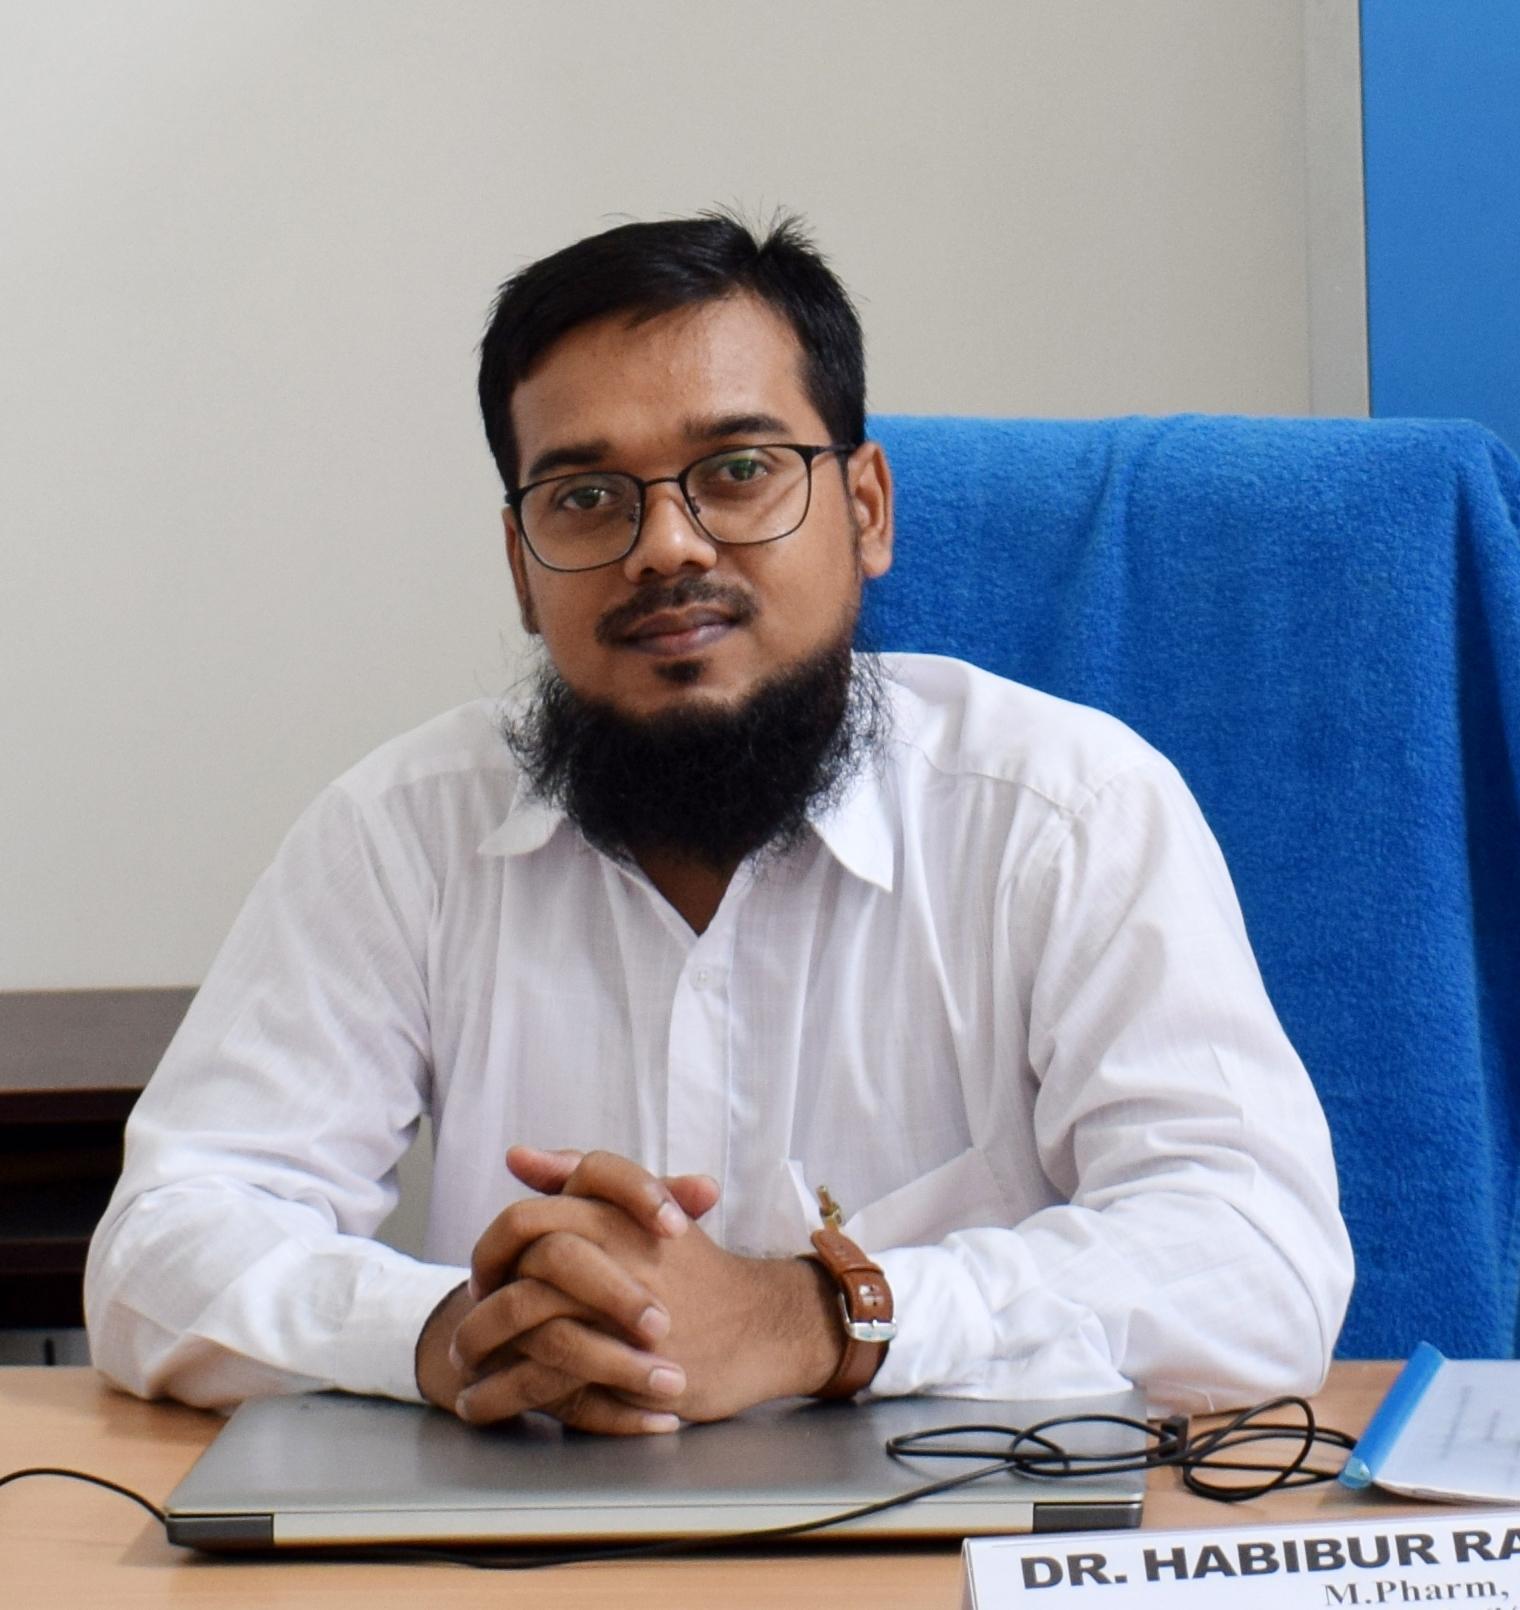 Dr. Habibur Rahman